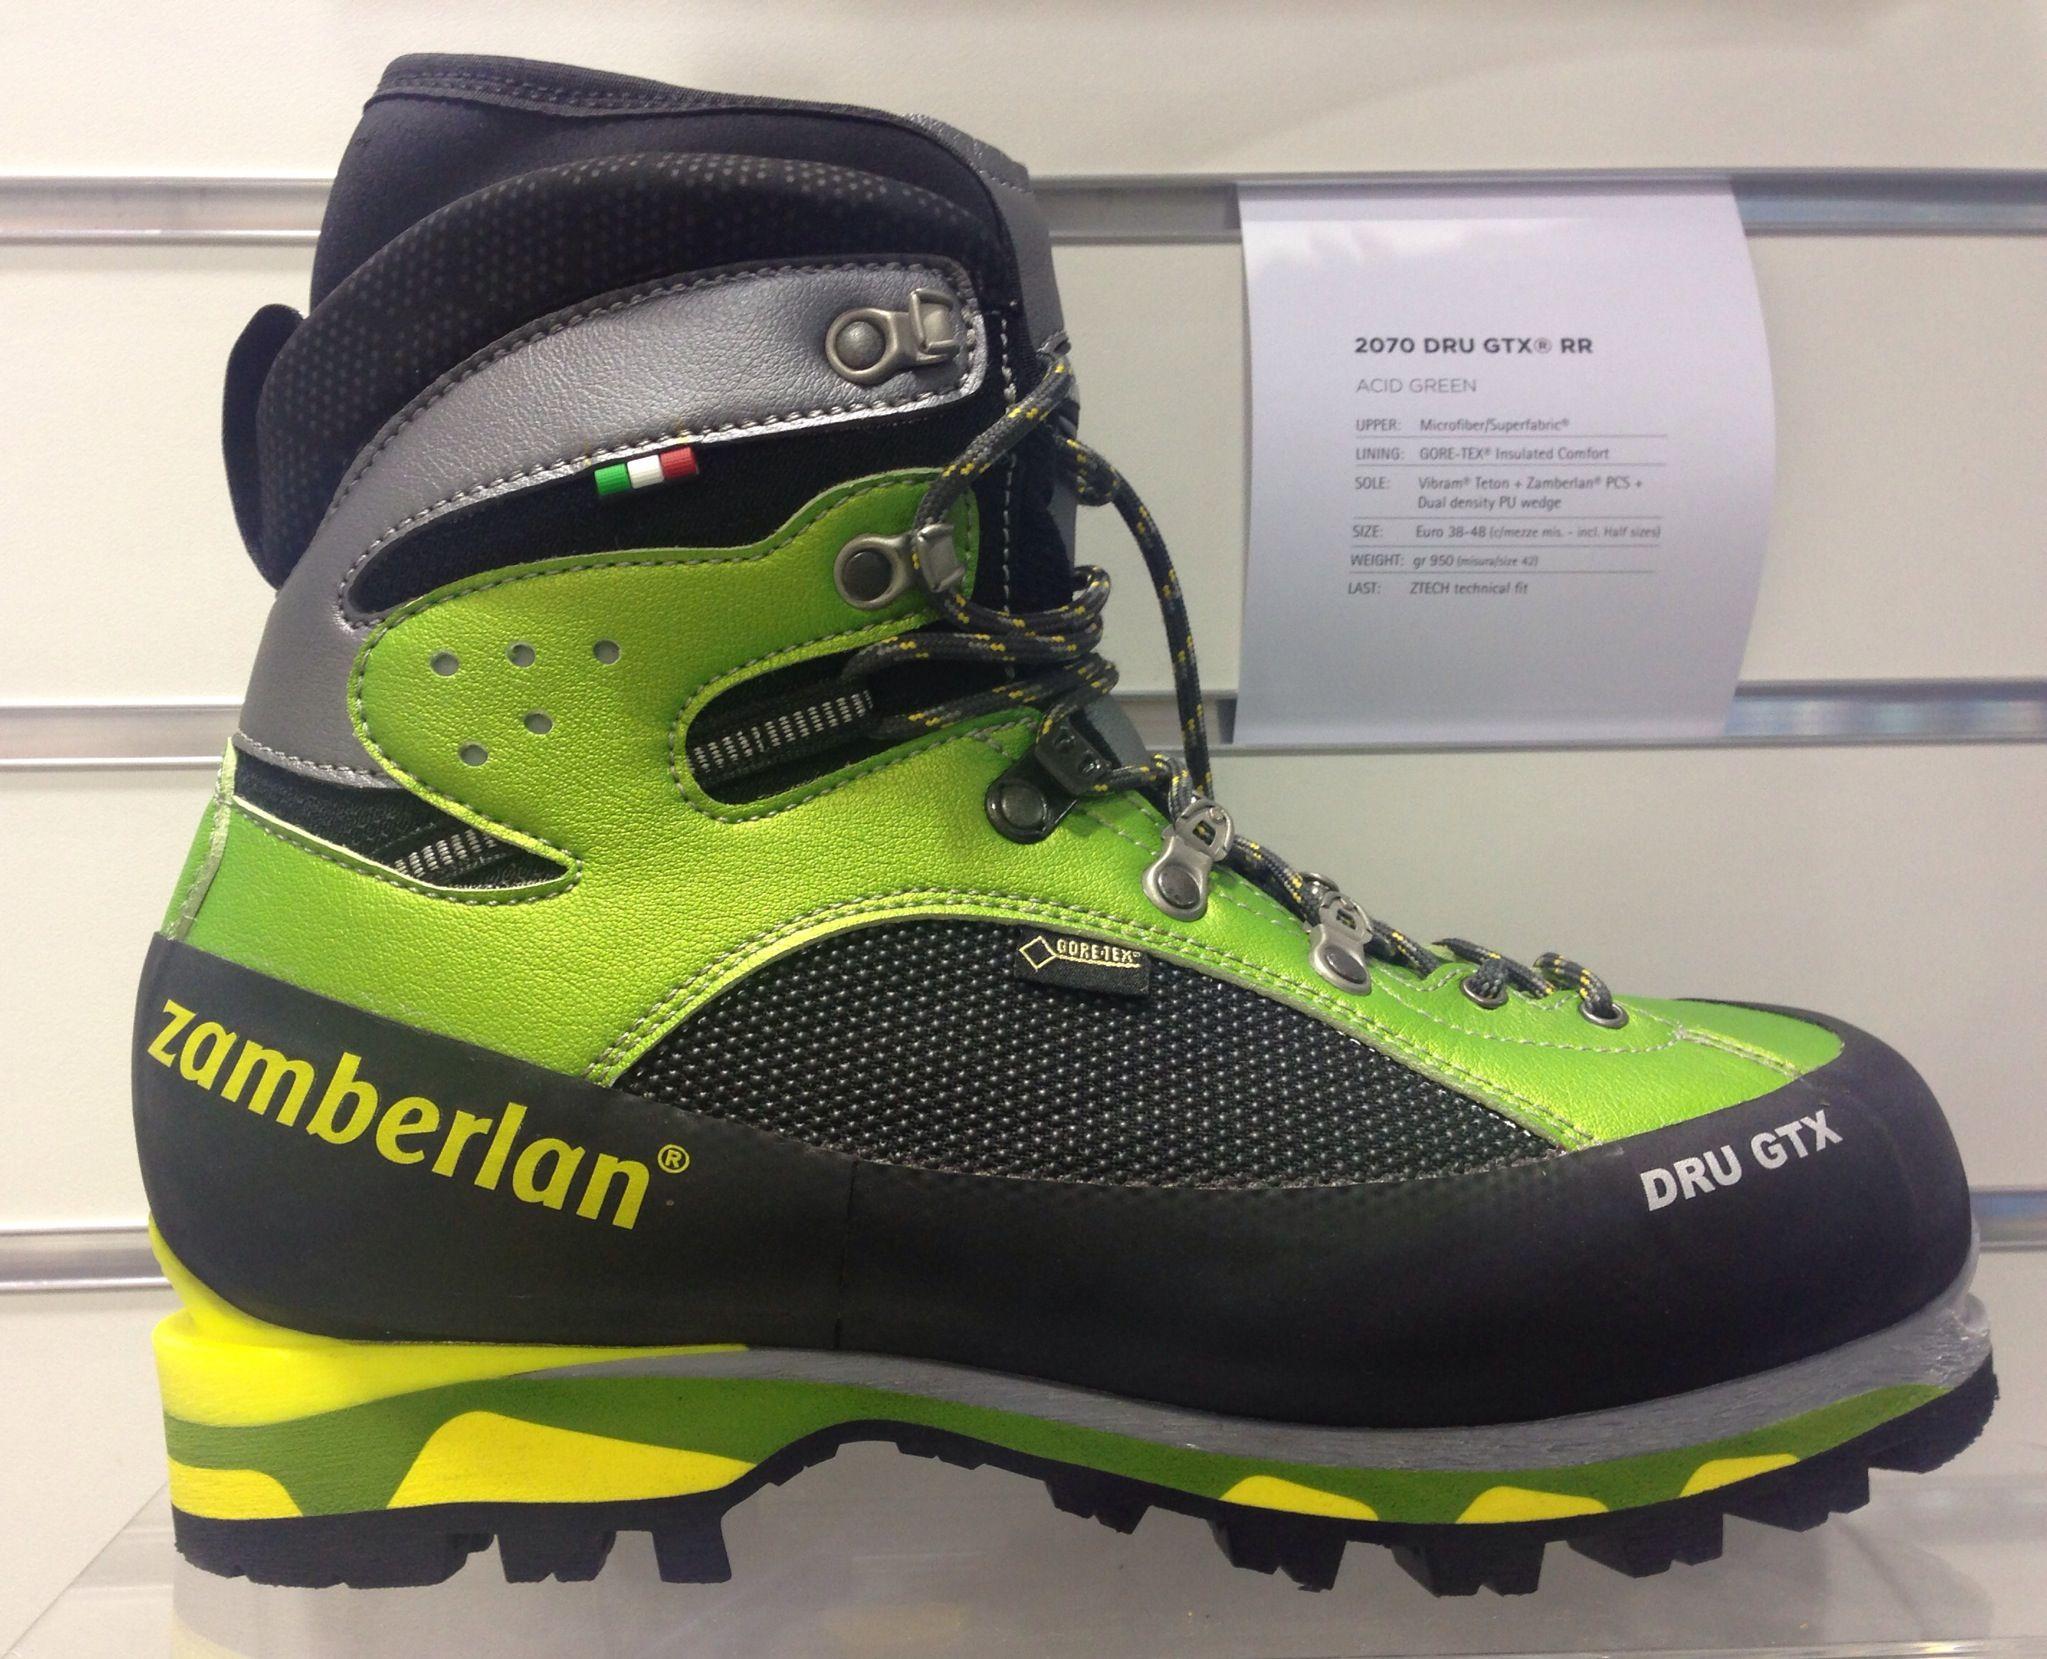 Zamberlan Drugtx Mens Snow Boots Mountaineering Boots Caterpillar Boots